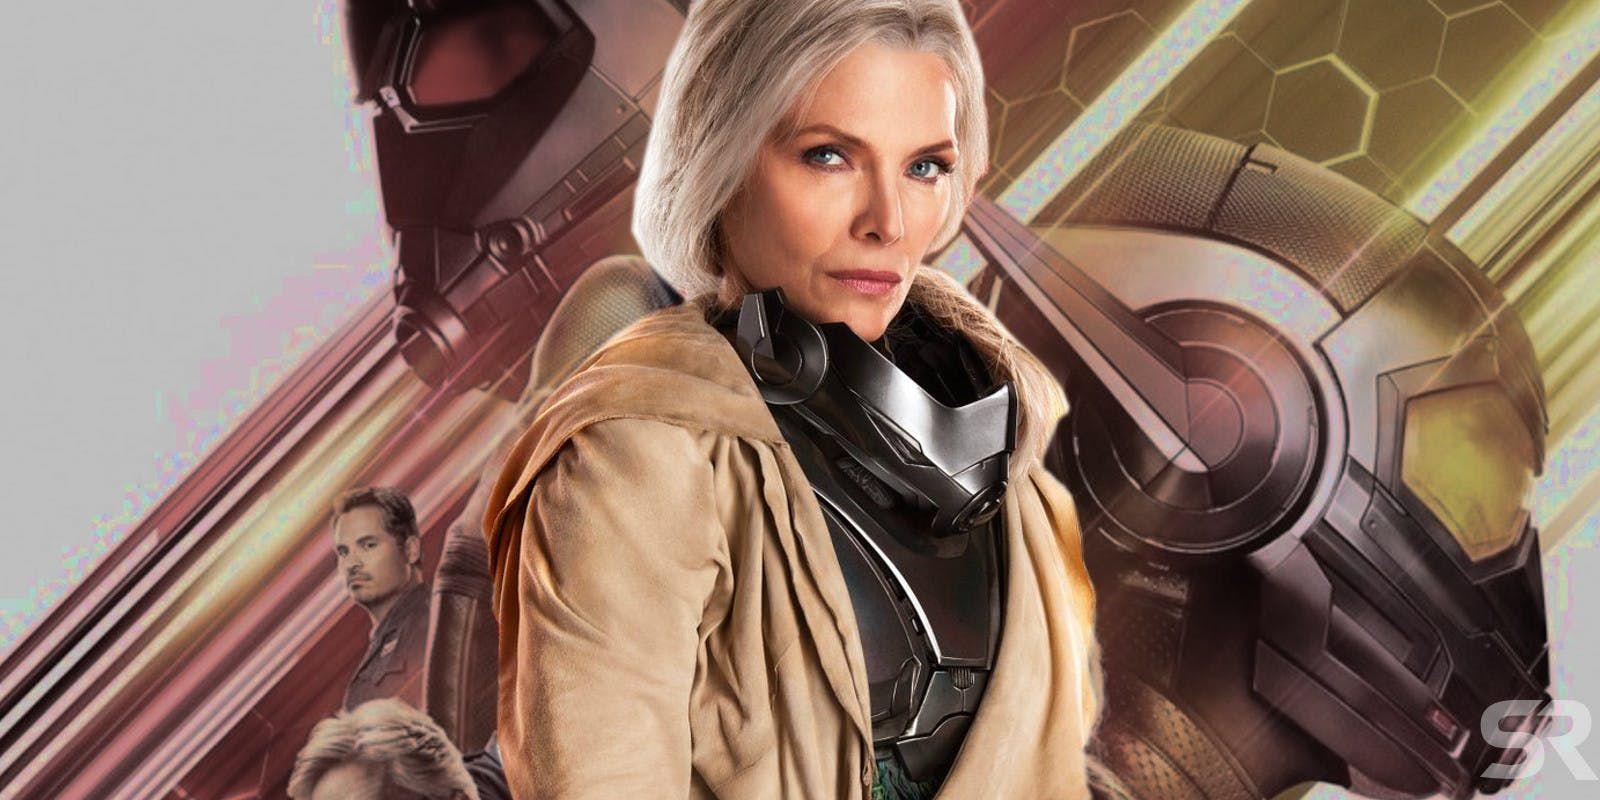 Michelle Pfeiffer de Quantumania confirma su lanzamiento en 2022